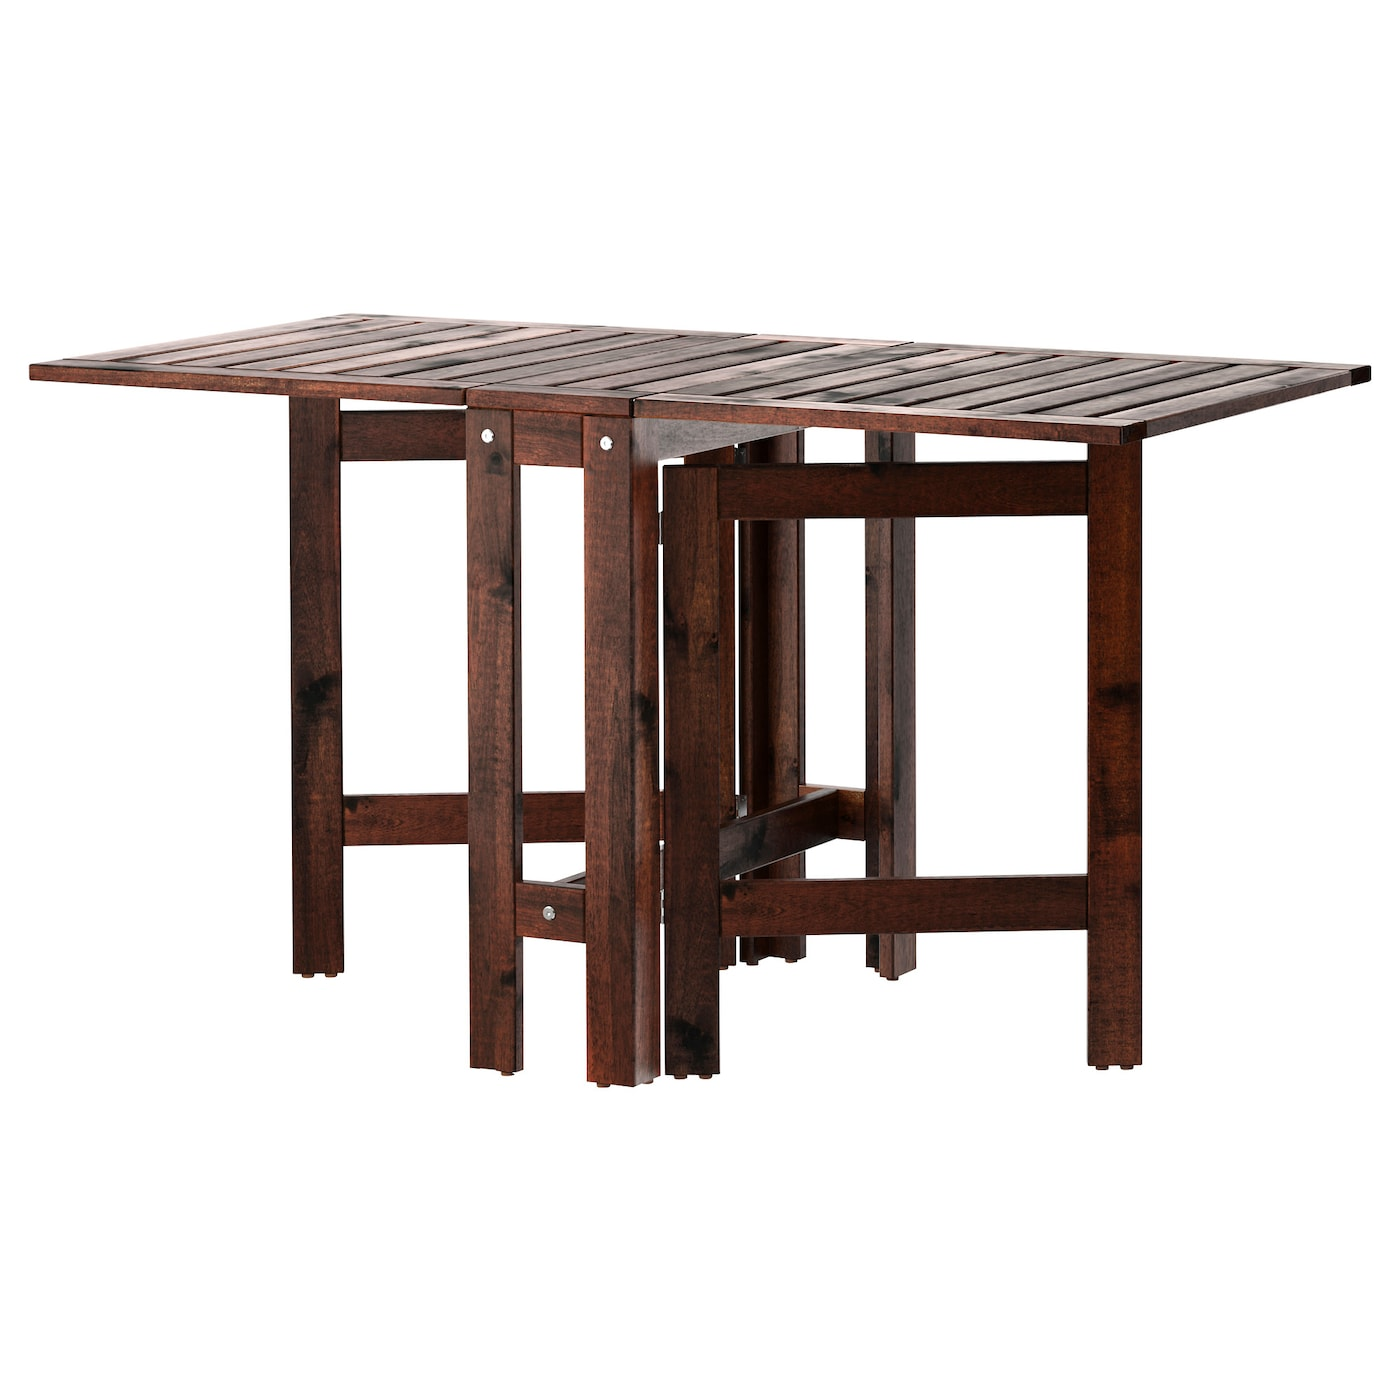 Stecktisch Gartentisch Beistelltisch Gartenablage mobiler Tisch kleiner Tisch